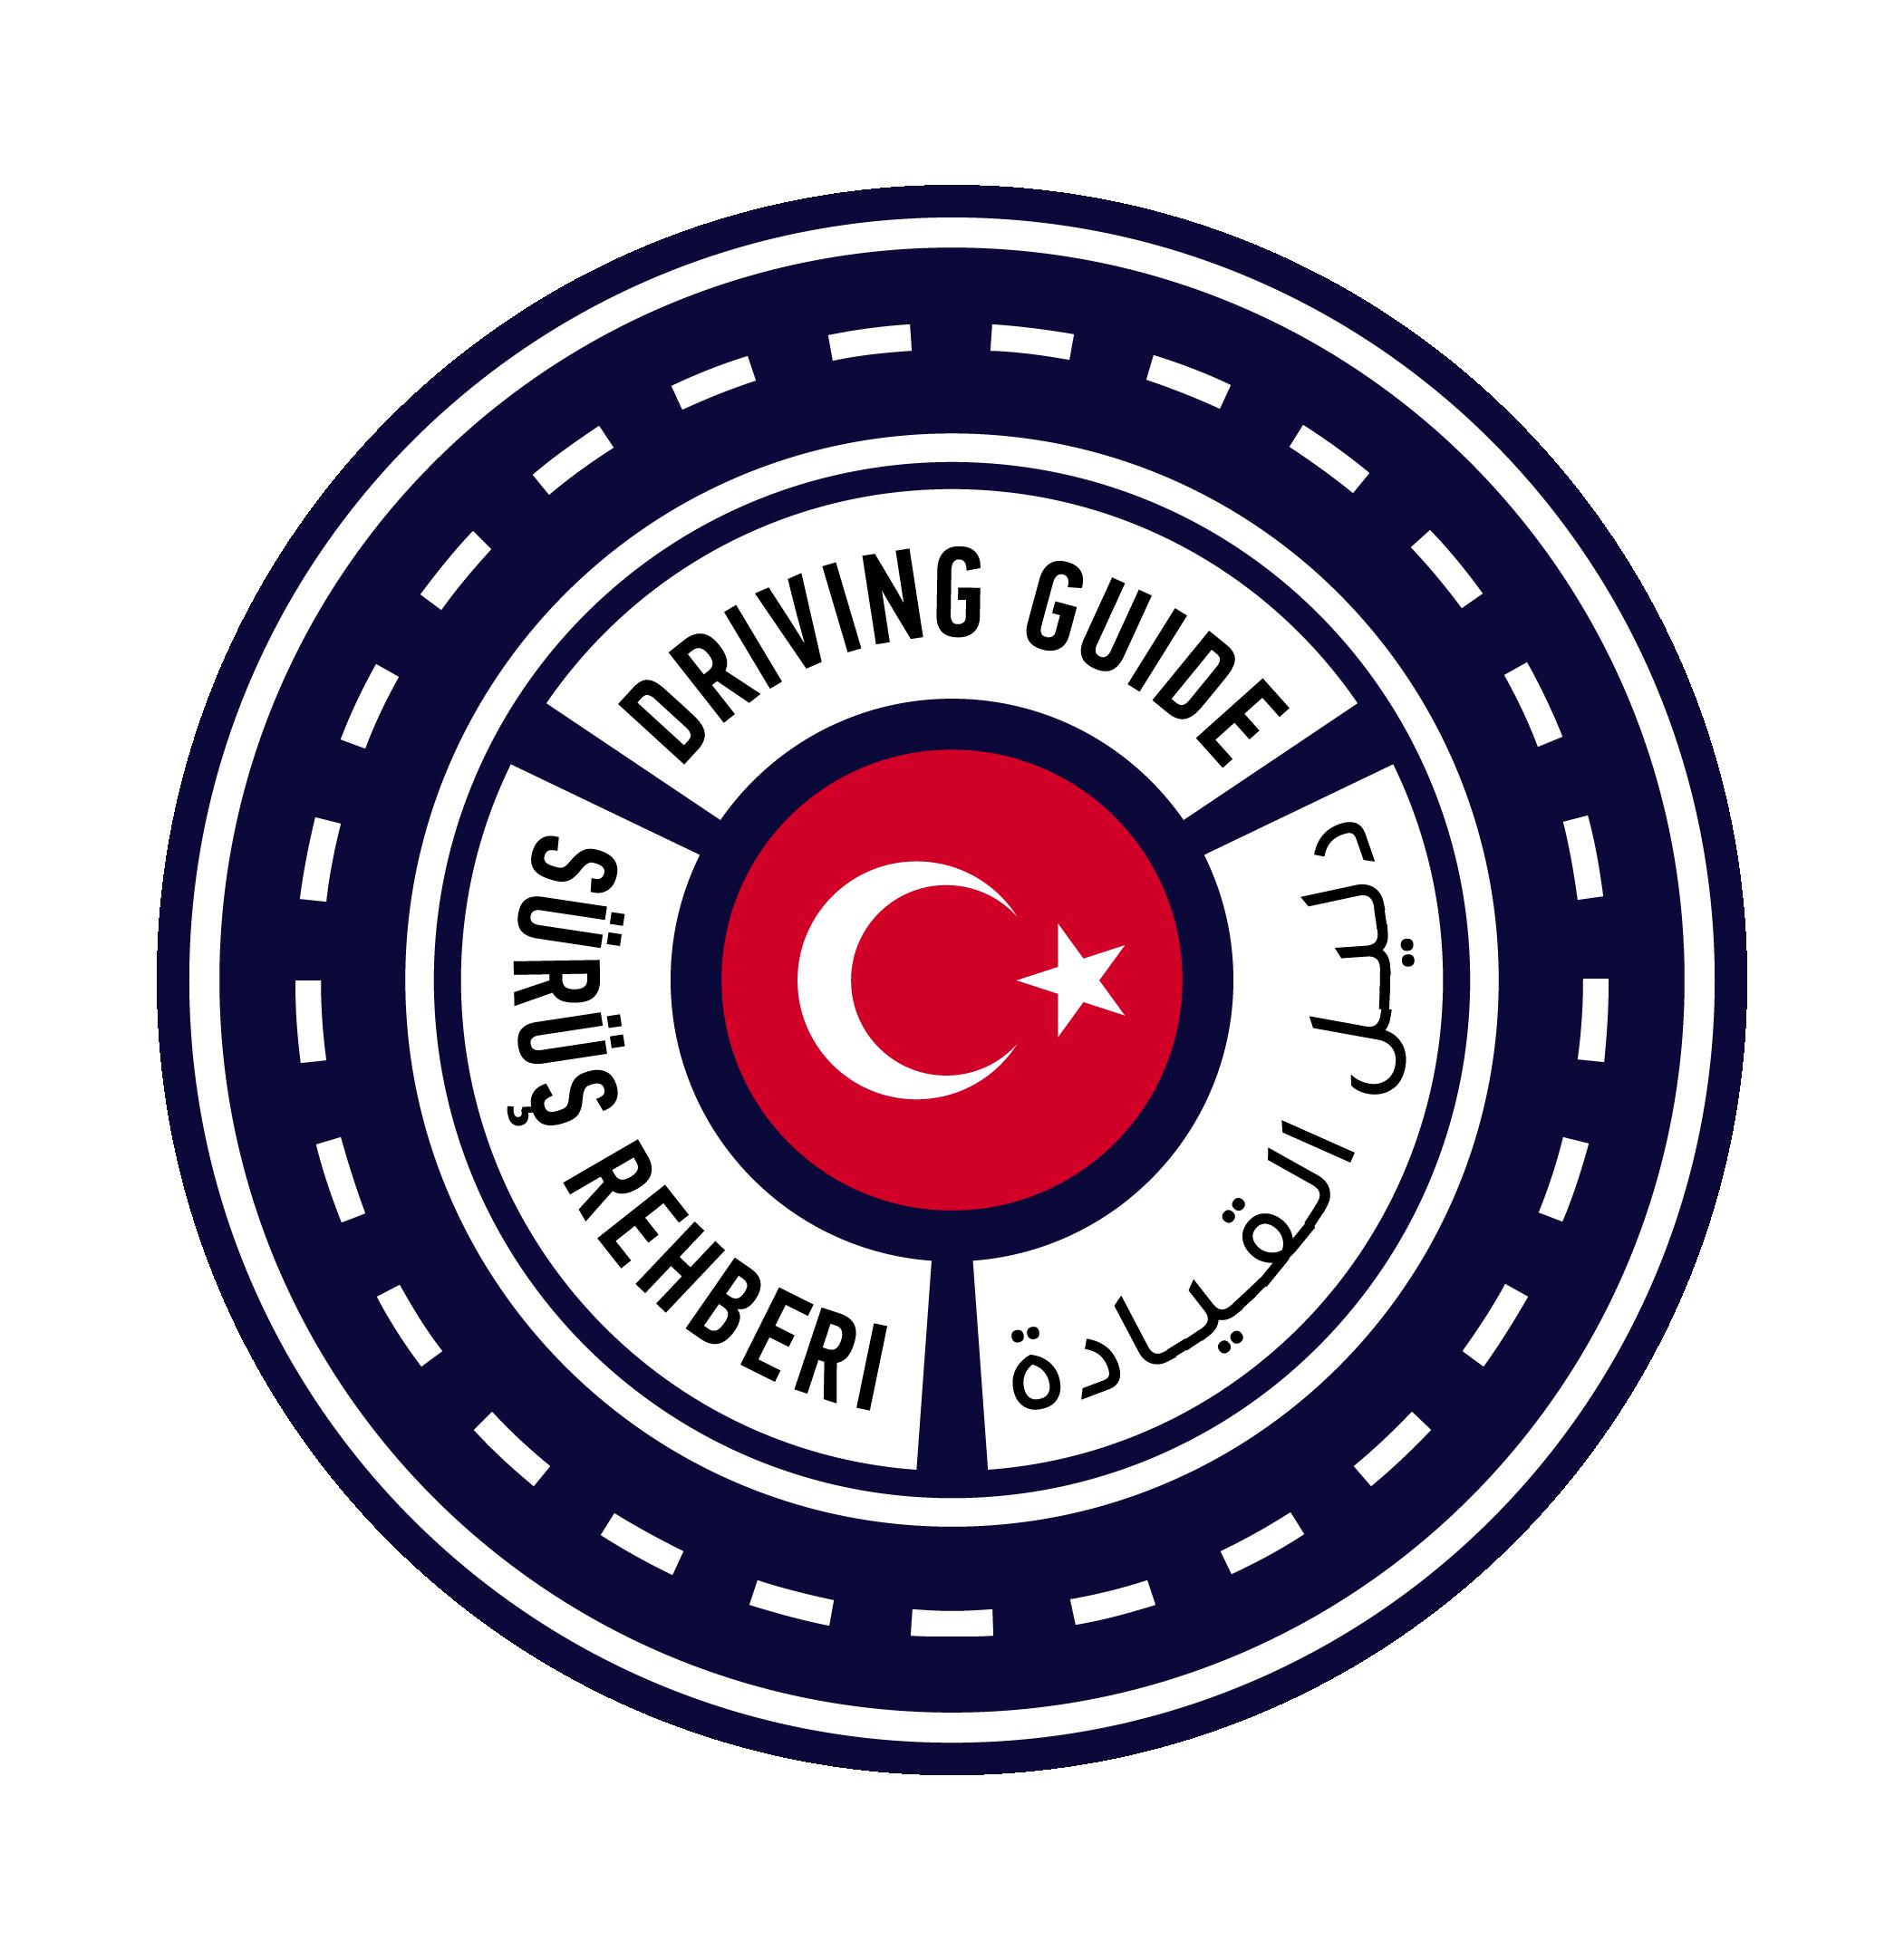 Turkiye De Surus Rehberi Araclarda Gecis Ustunlugu Arac Rehber